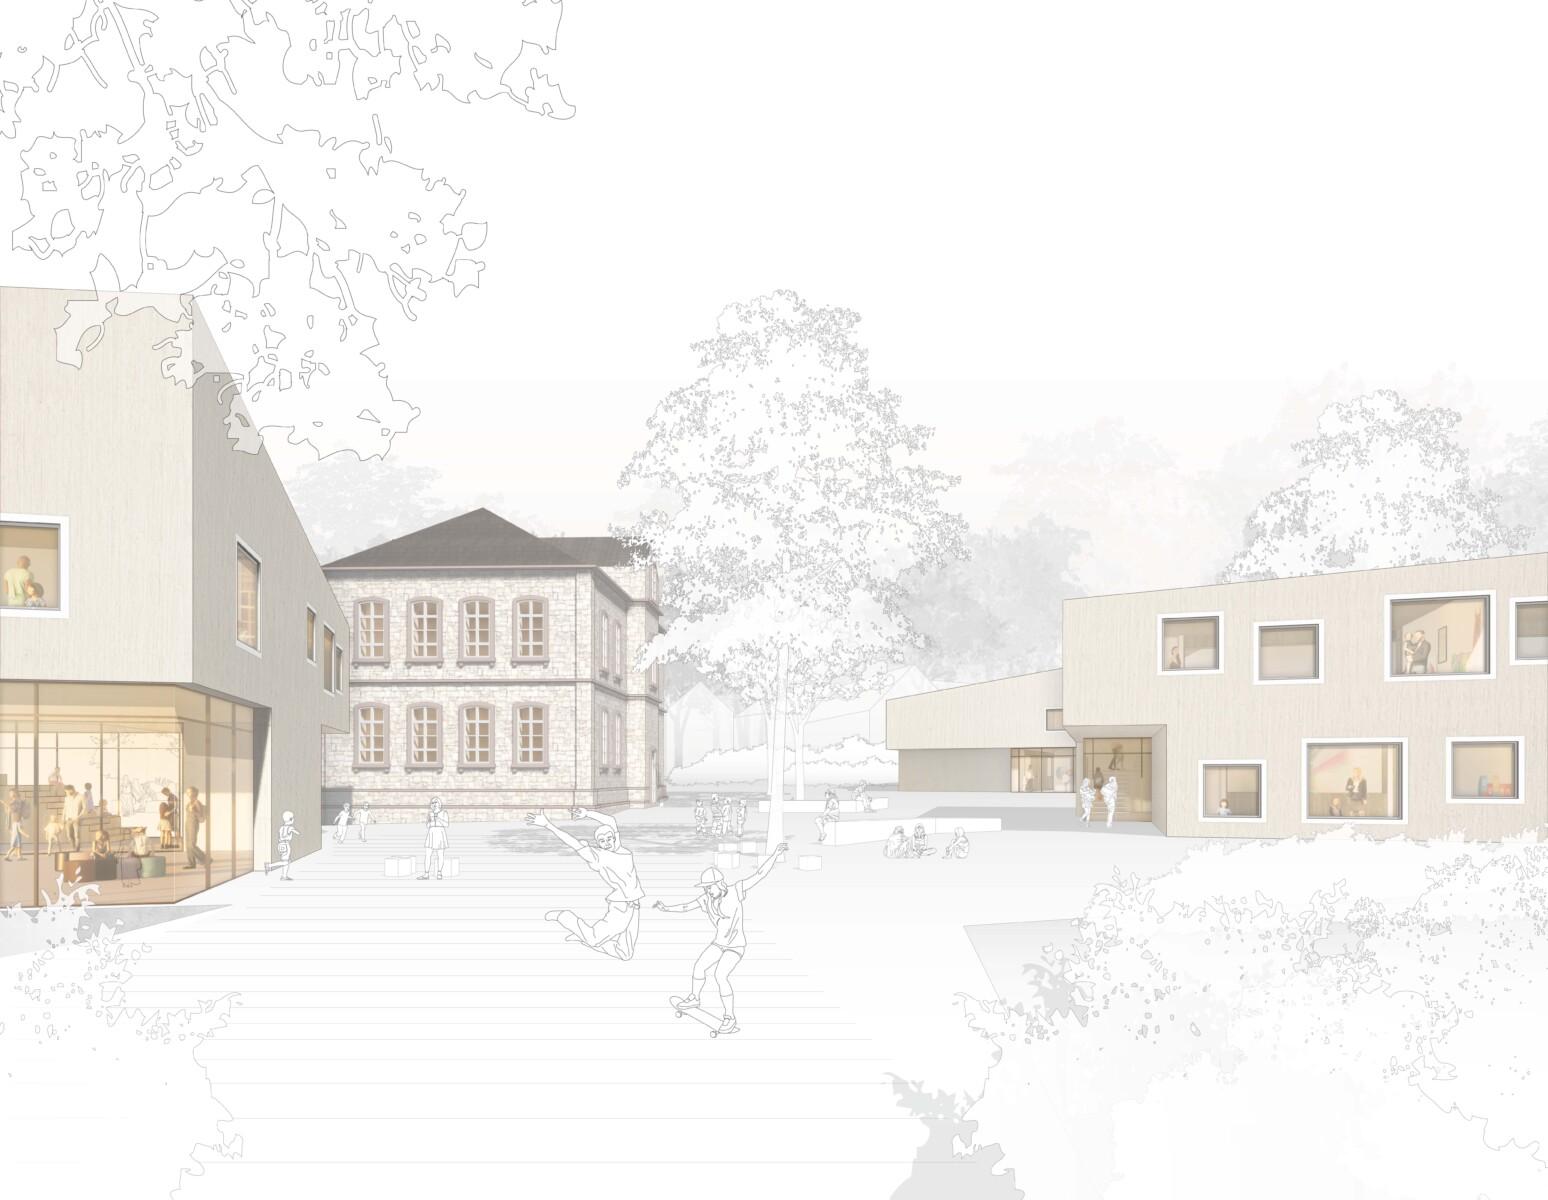 WB Präsident-Mohr-Schule Ingelheim am Rhein